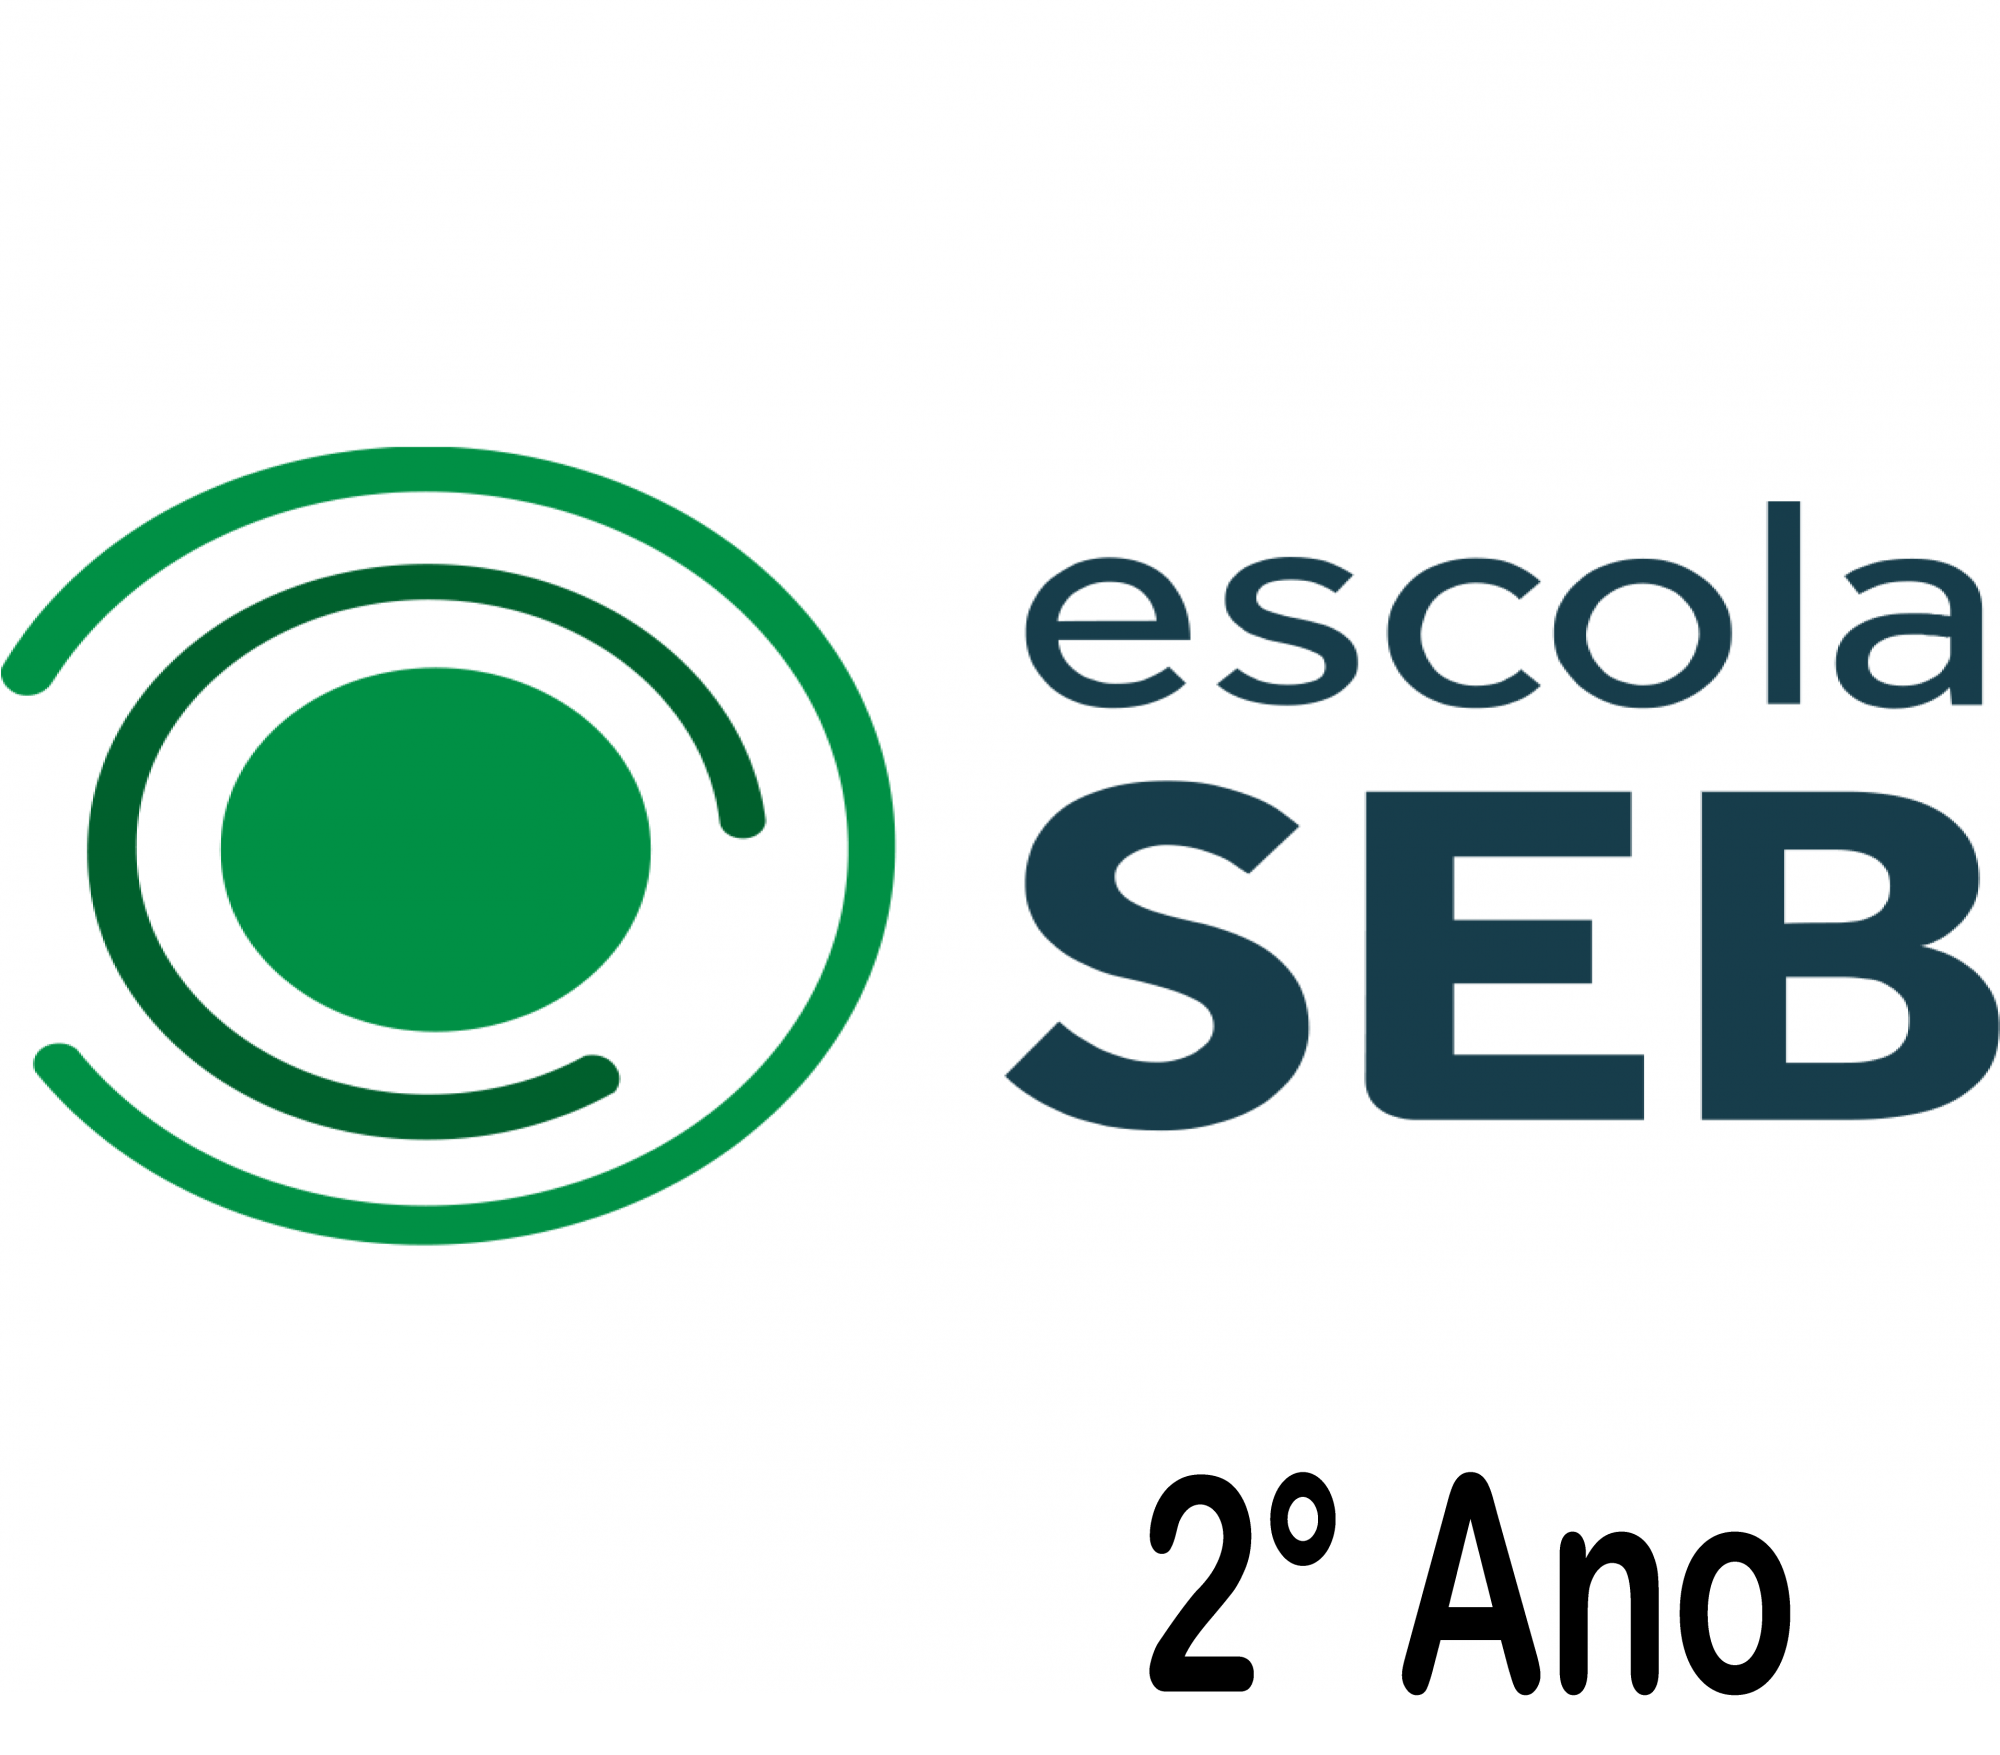 Seb Coc - 2° Ano sem uso pessoal -2021